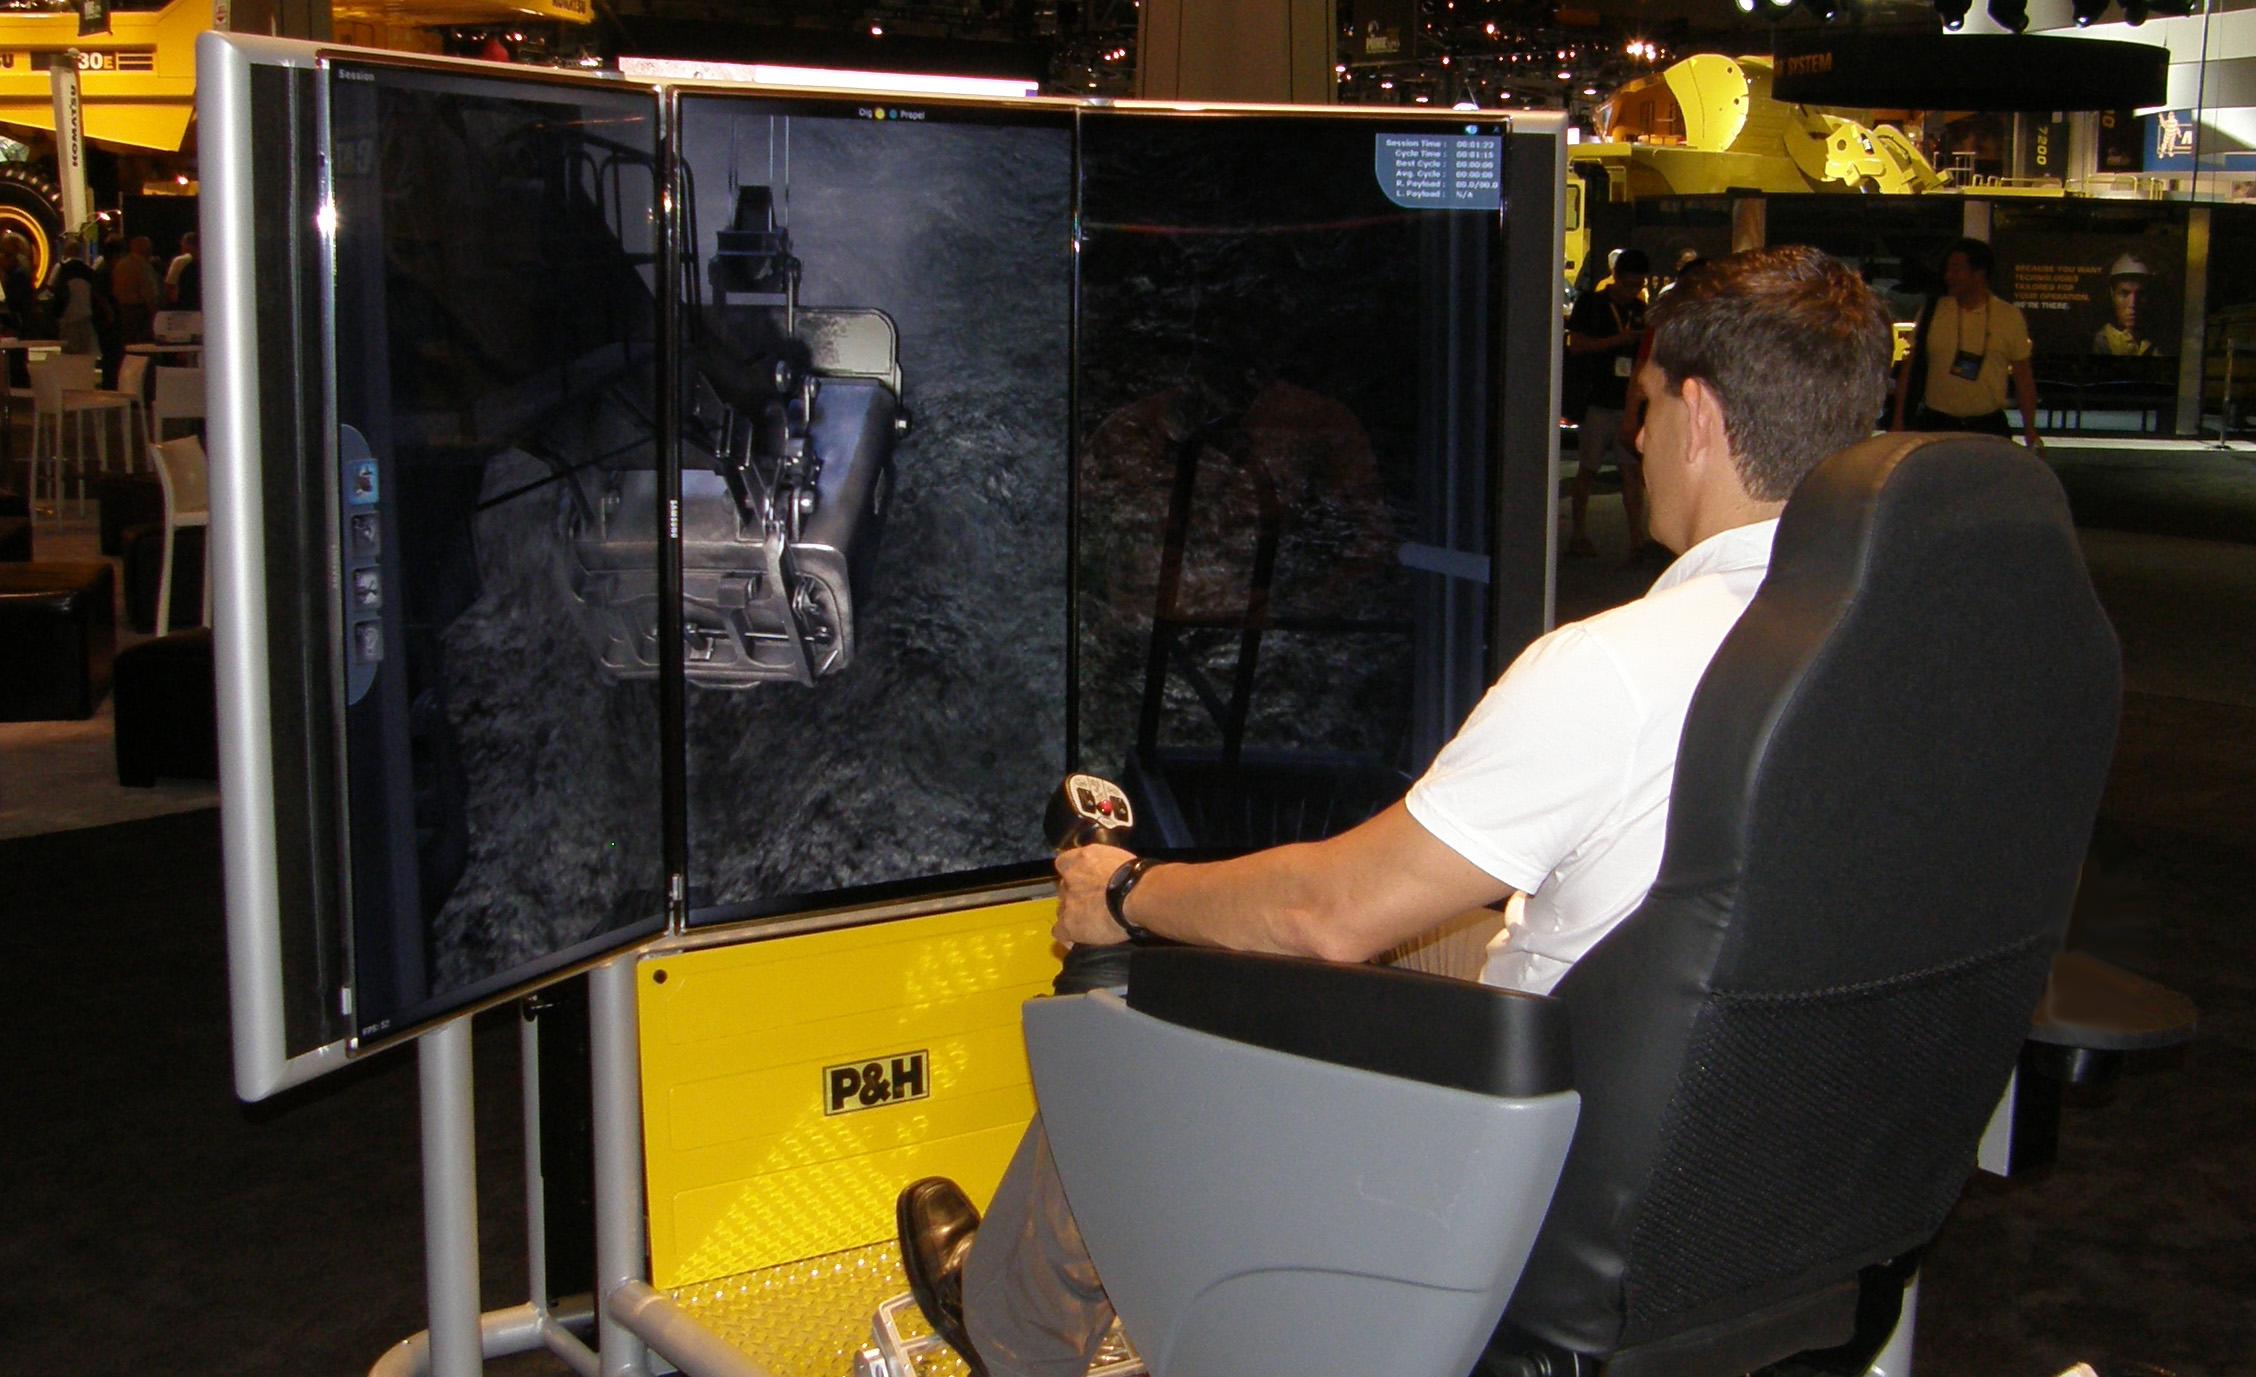 Komatsu P&H Mining Electric Rope Shovel Simulator by ForgeFX Simulations